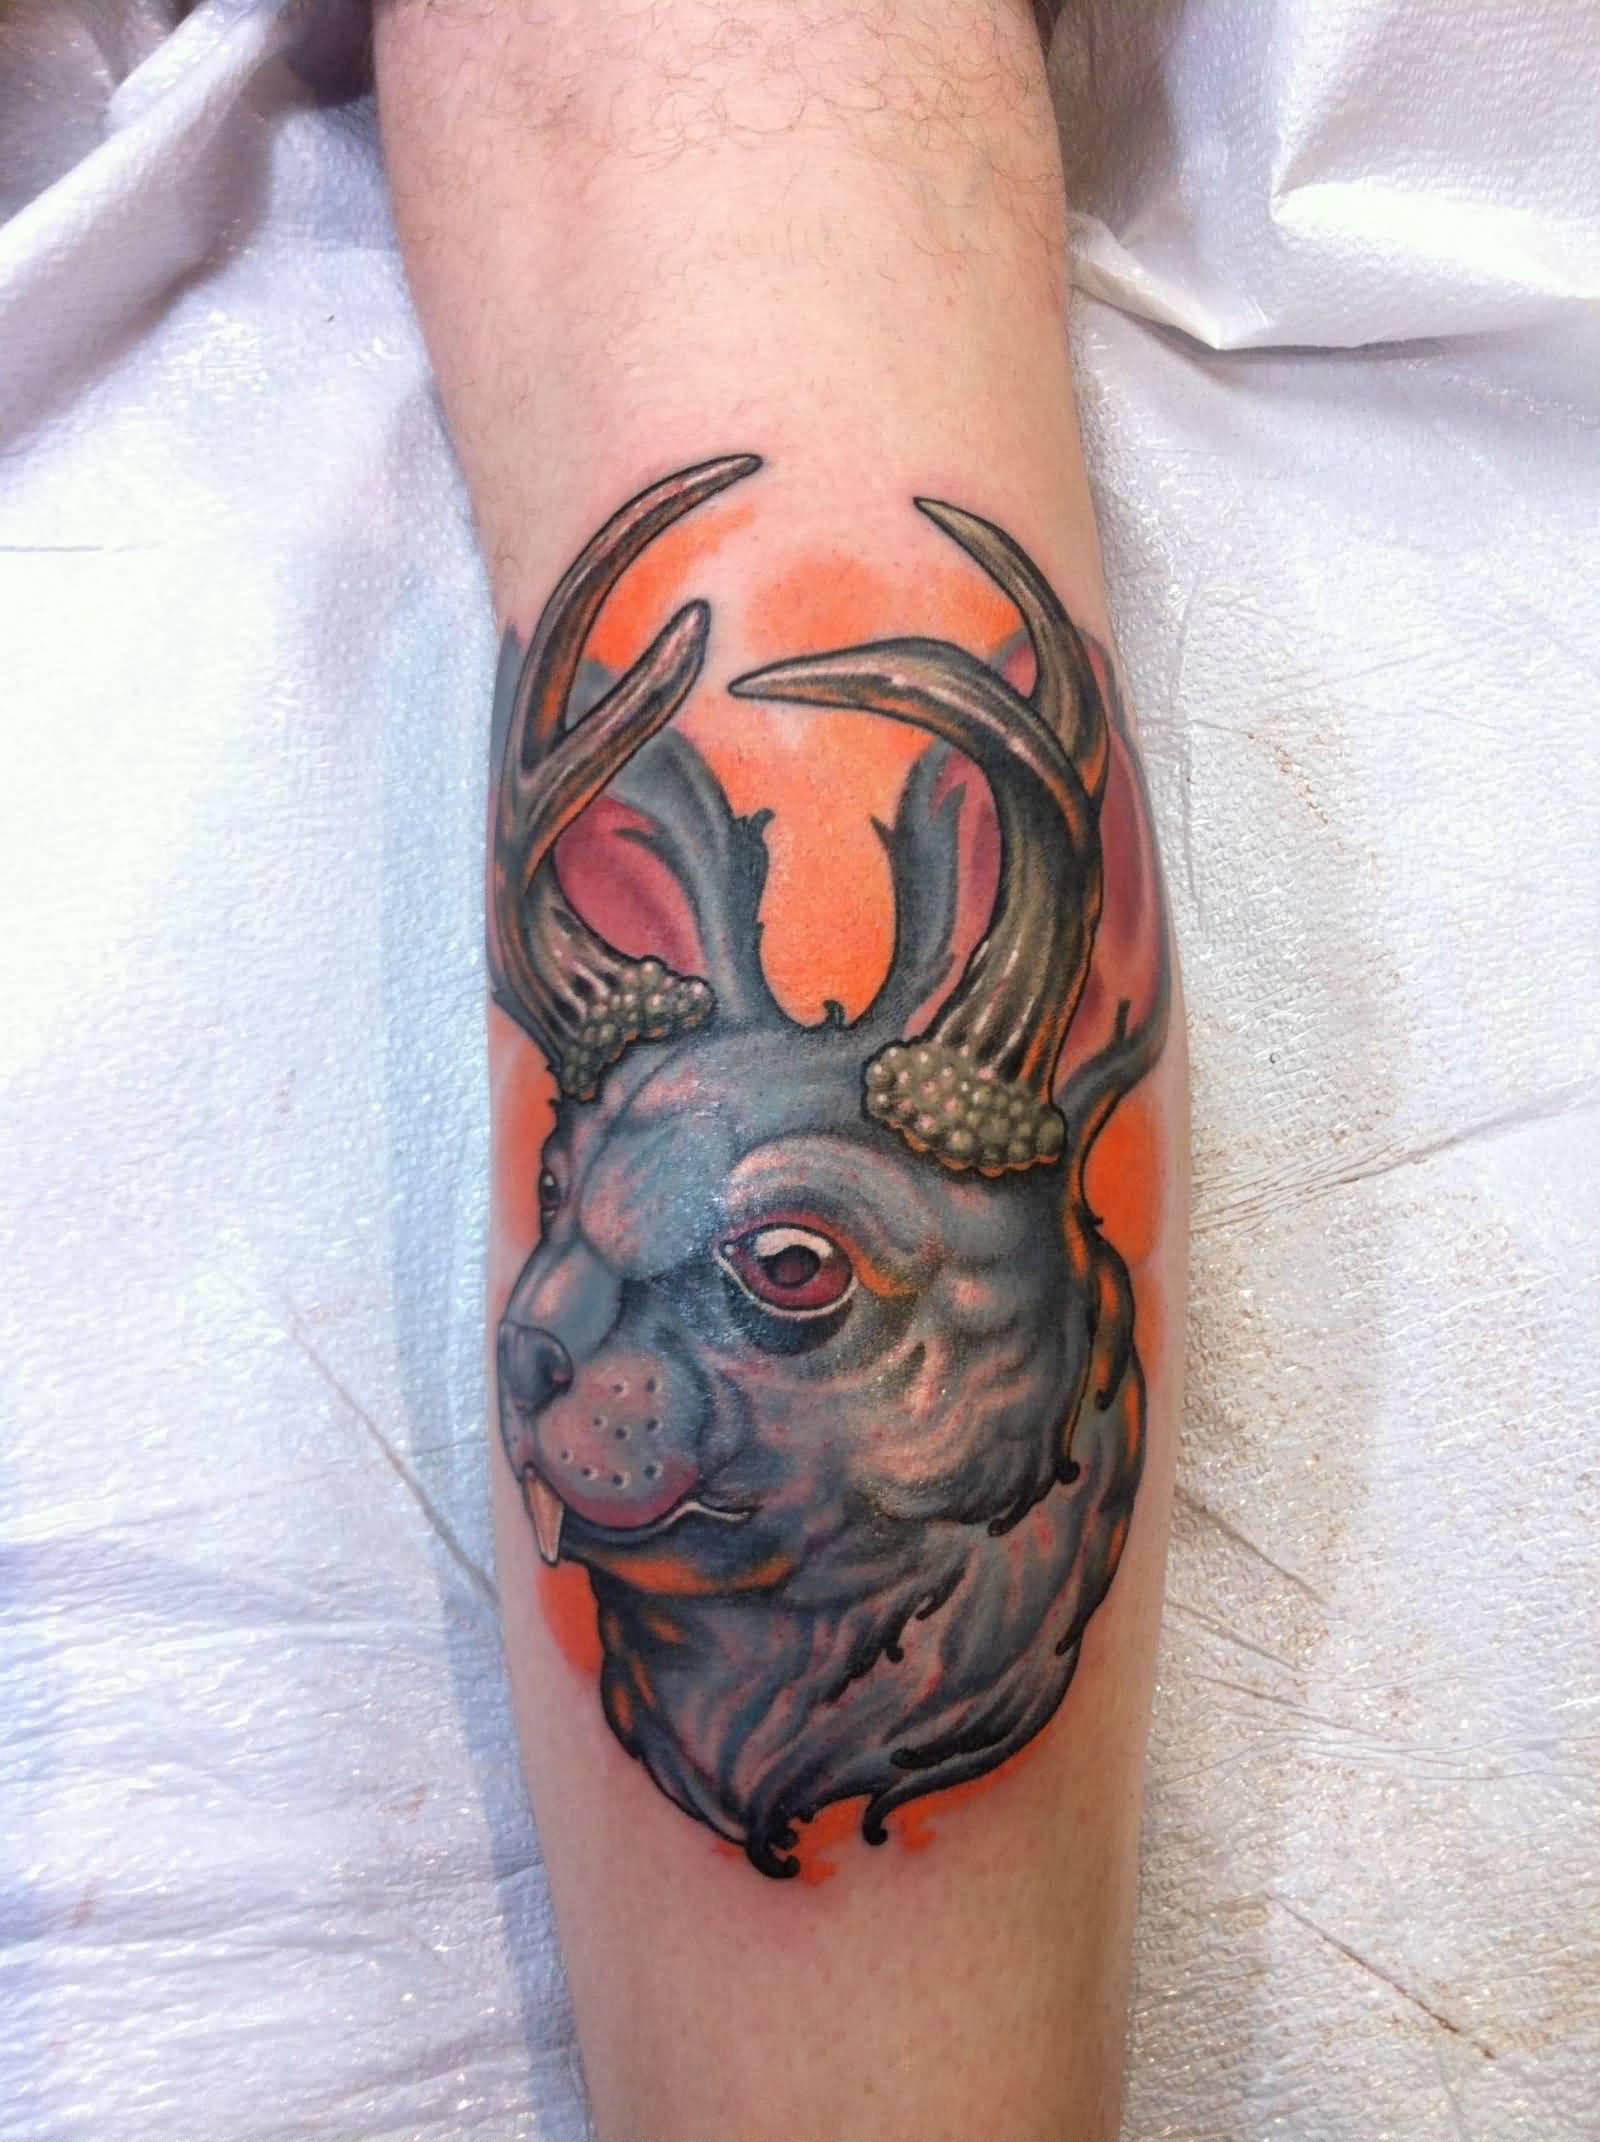 jackalope tattoo on leg